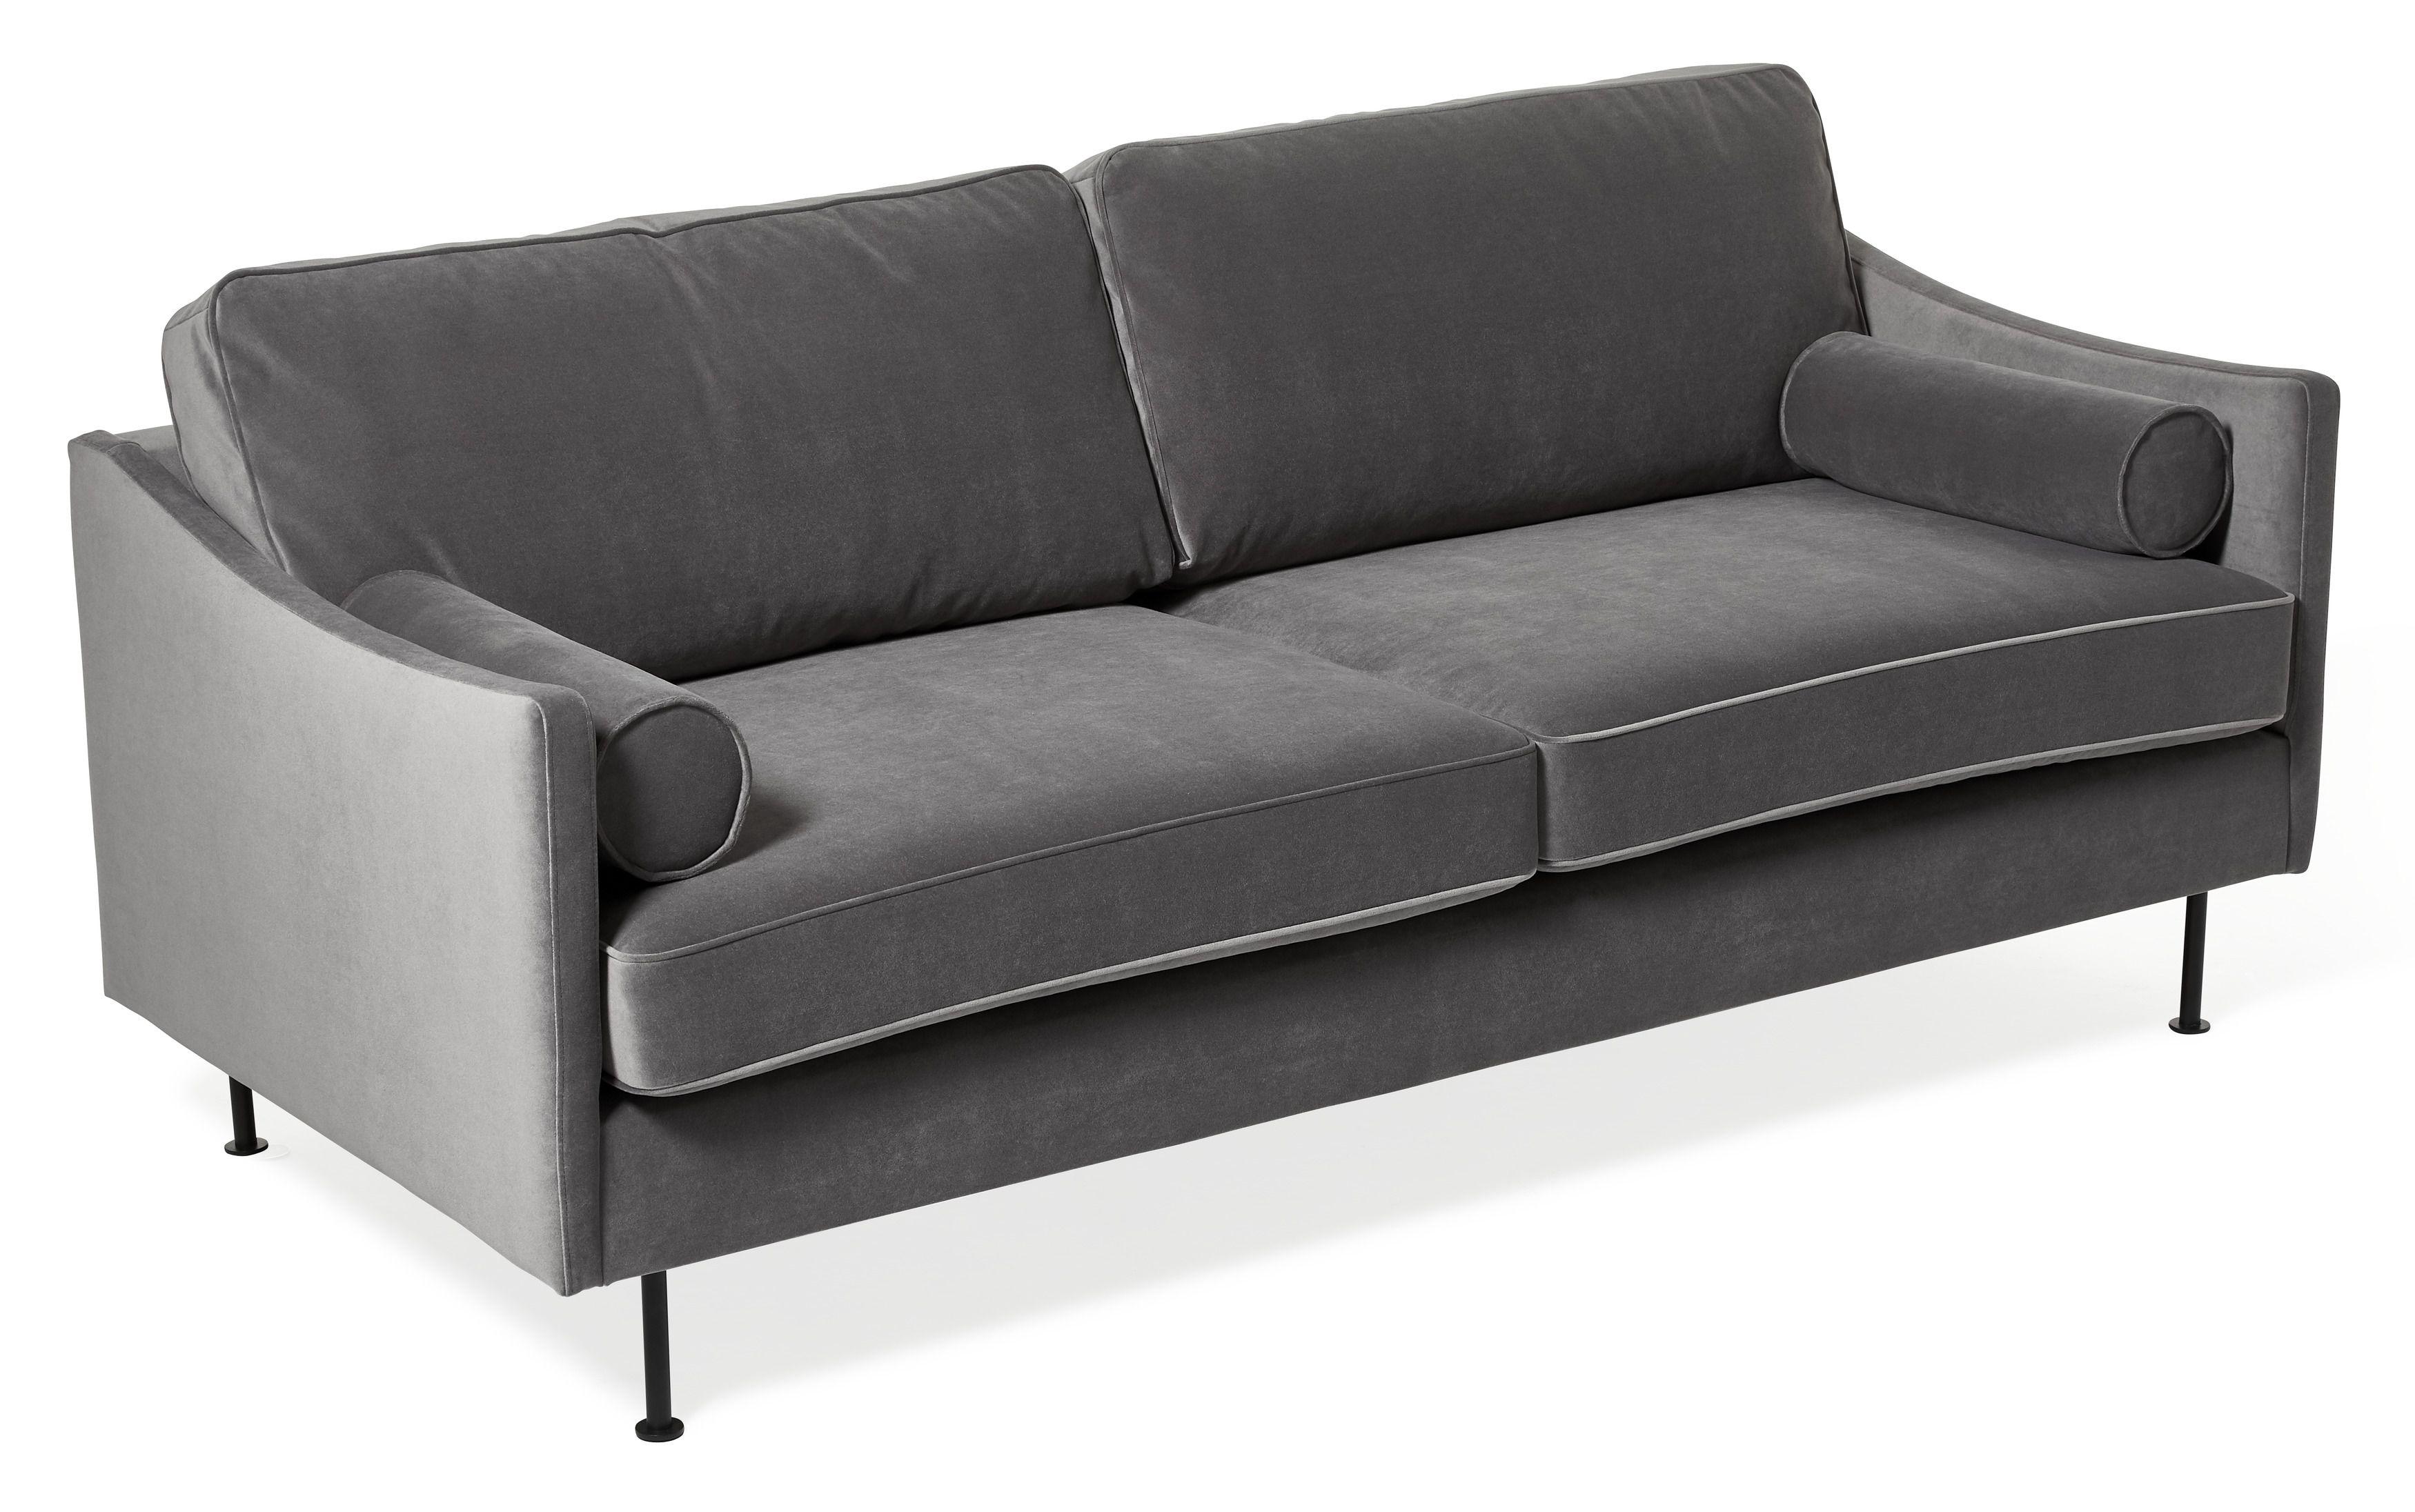 Nya Savona 2,5-sits soffa | Soffa | Mio | Erikdahlbergsgatan i 2019 AQ-17